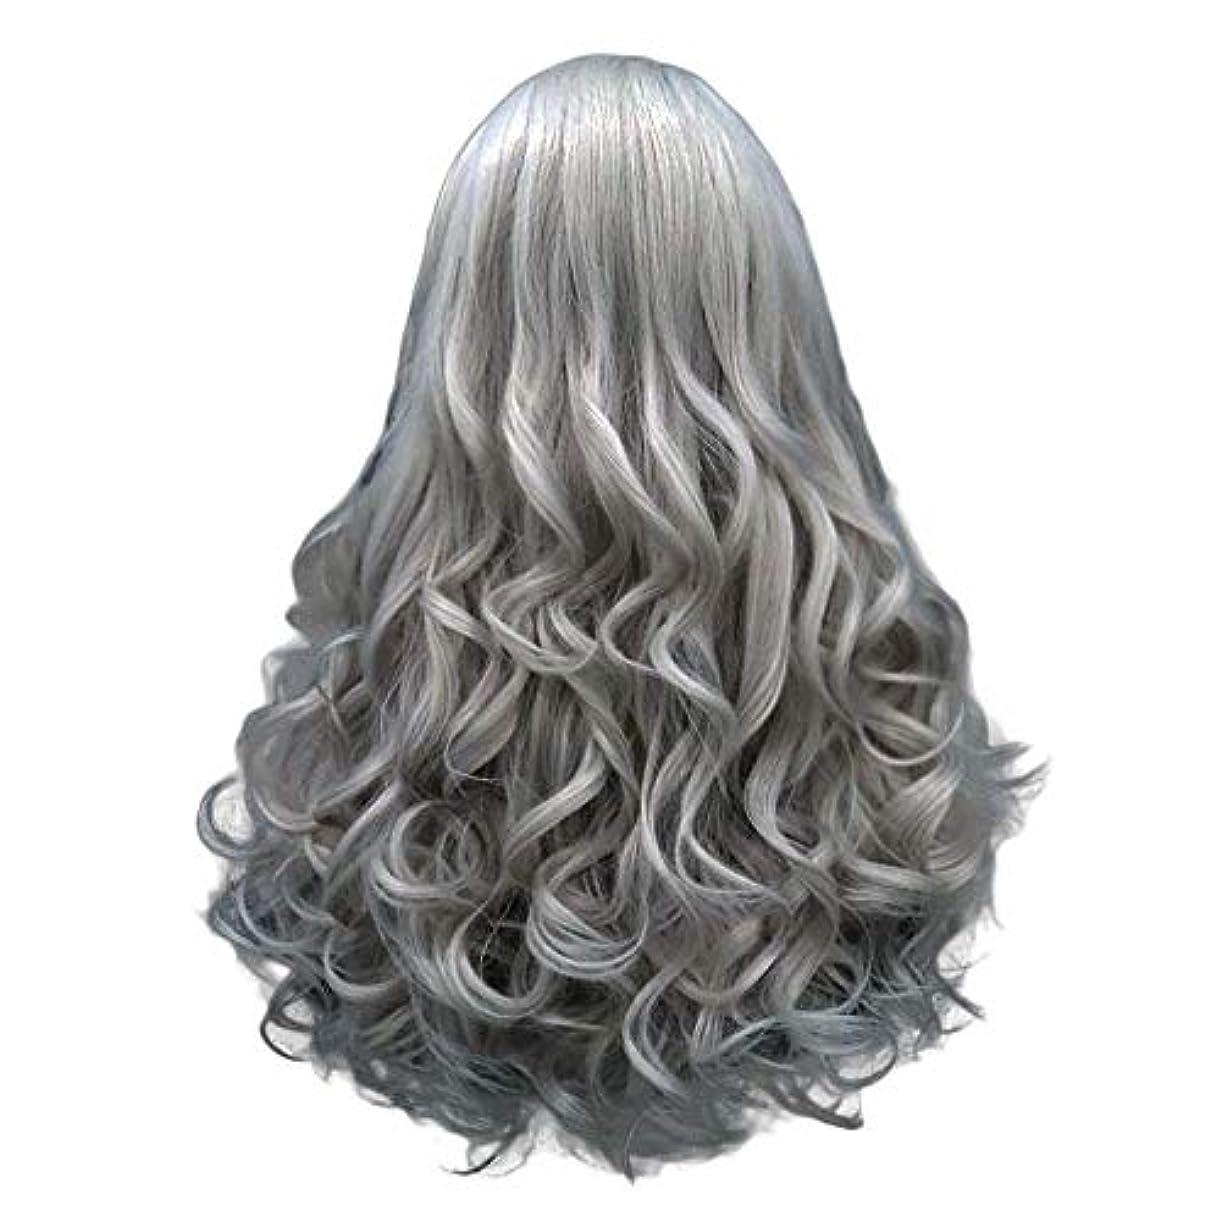 明確な素人表面的な長い巻き毛の混合カラーセクシーなグラデーショングレーパーティーウィッグ